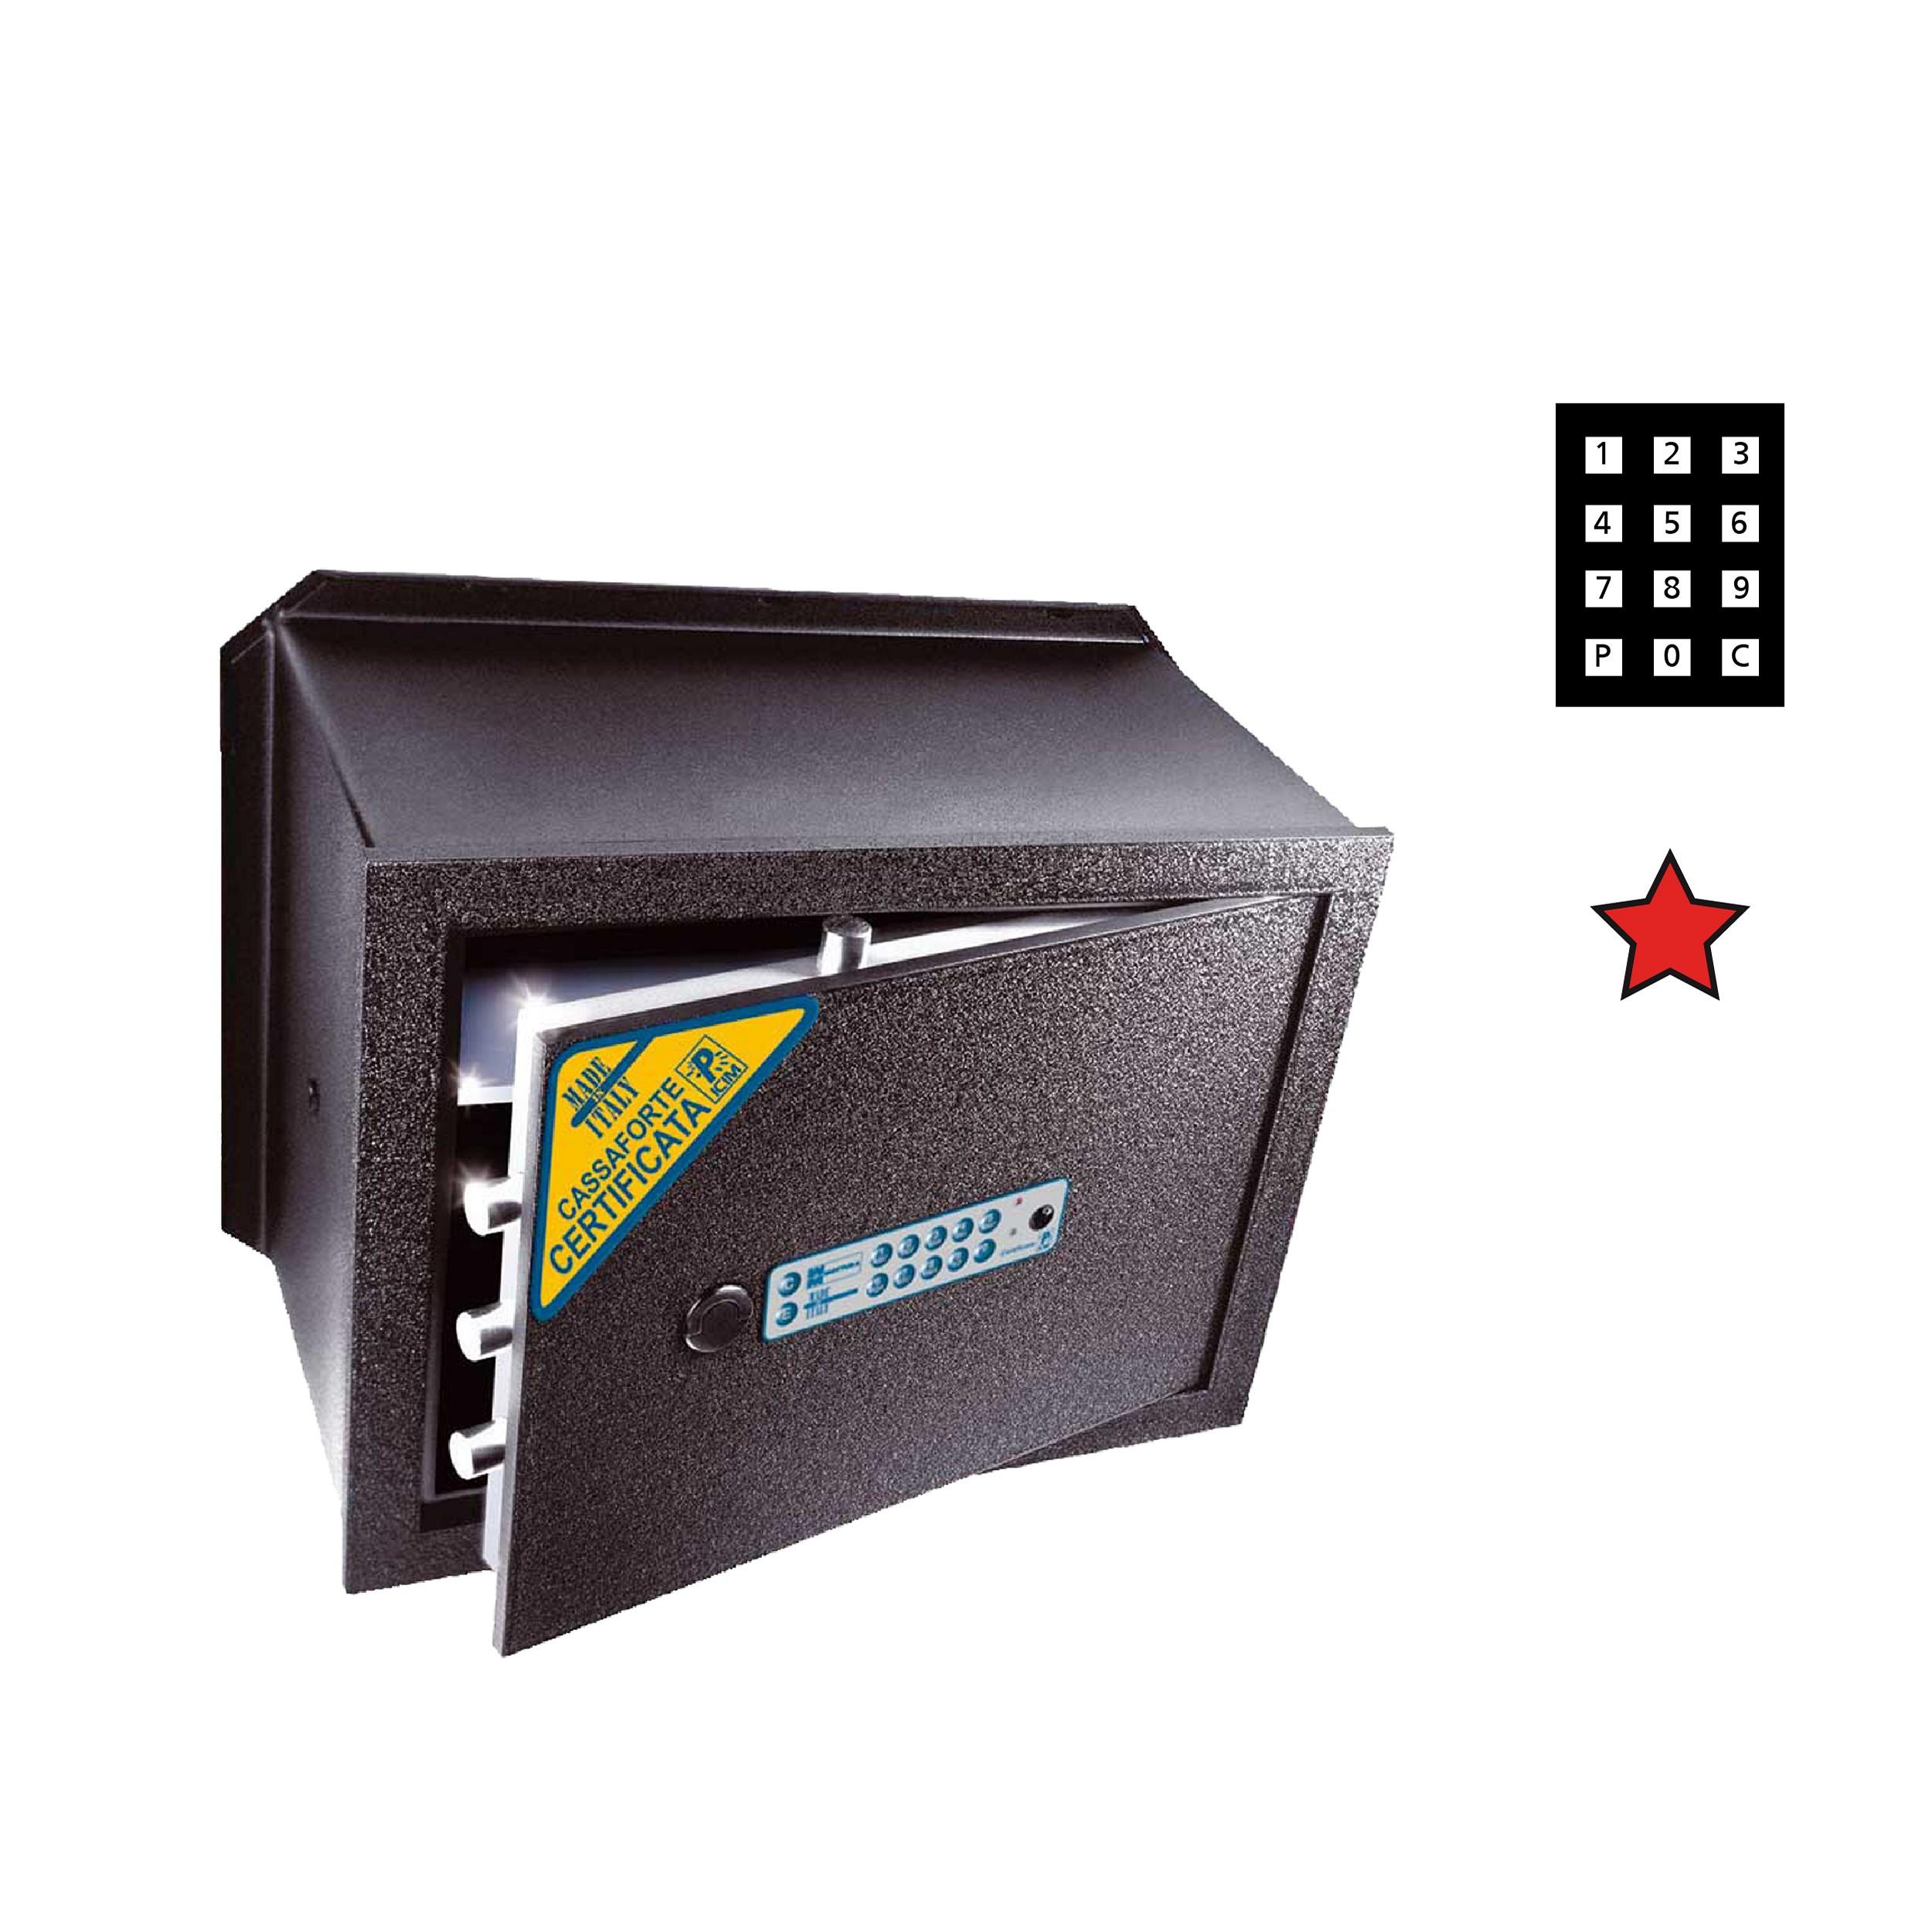 CASSAFORTE ELETTR. 230X350X250